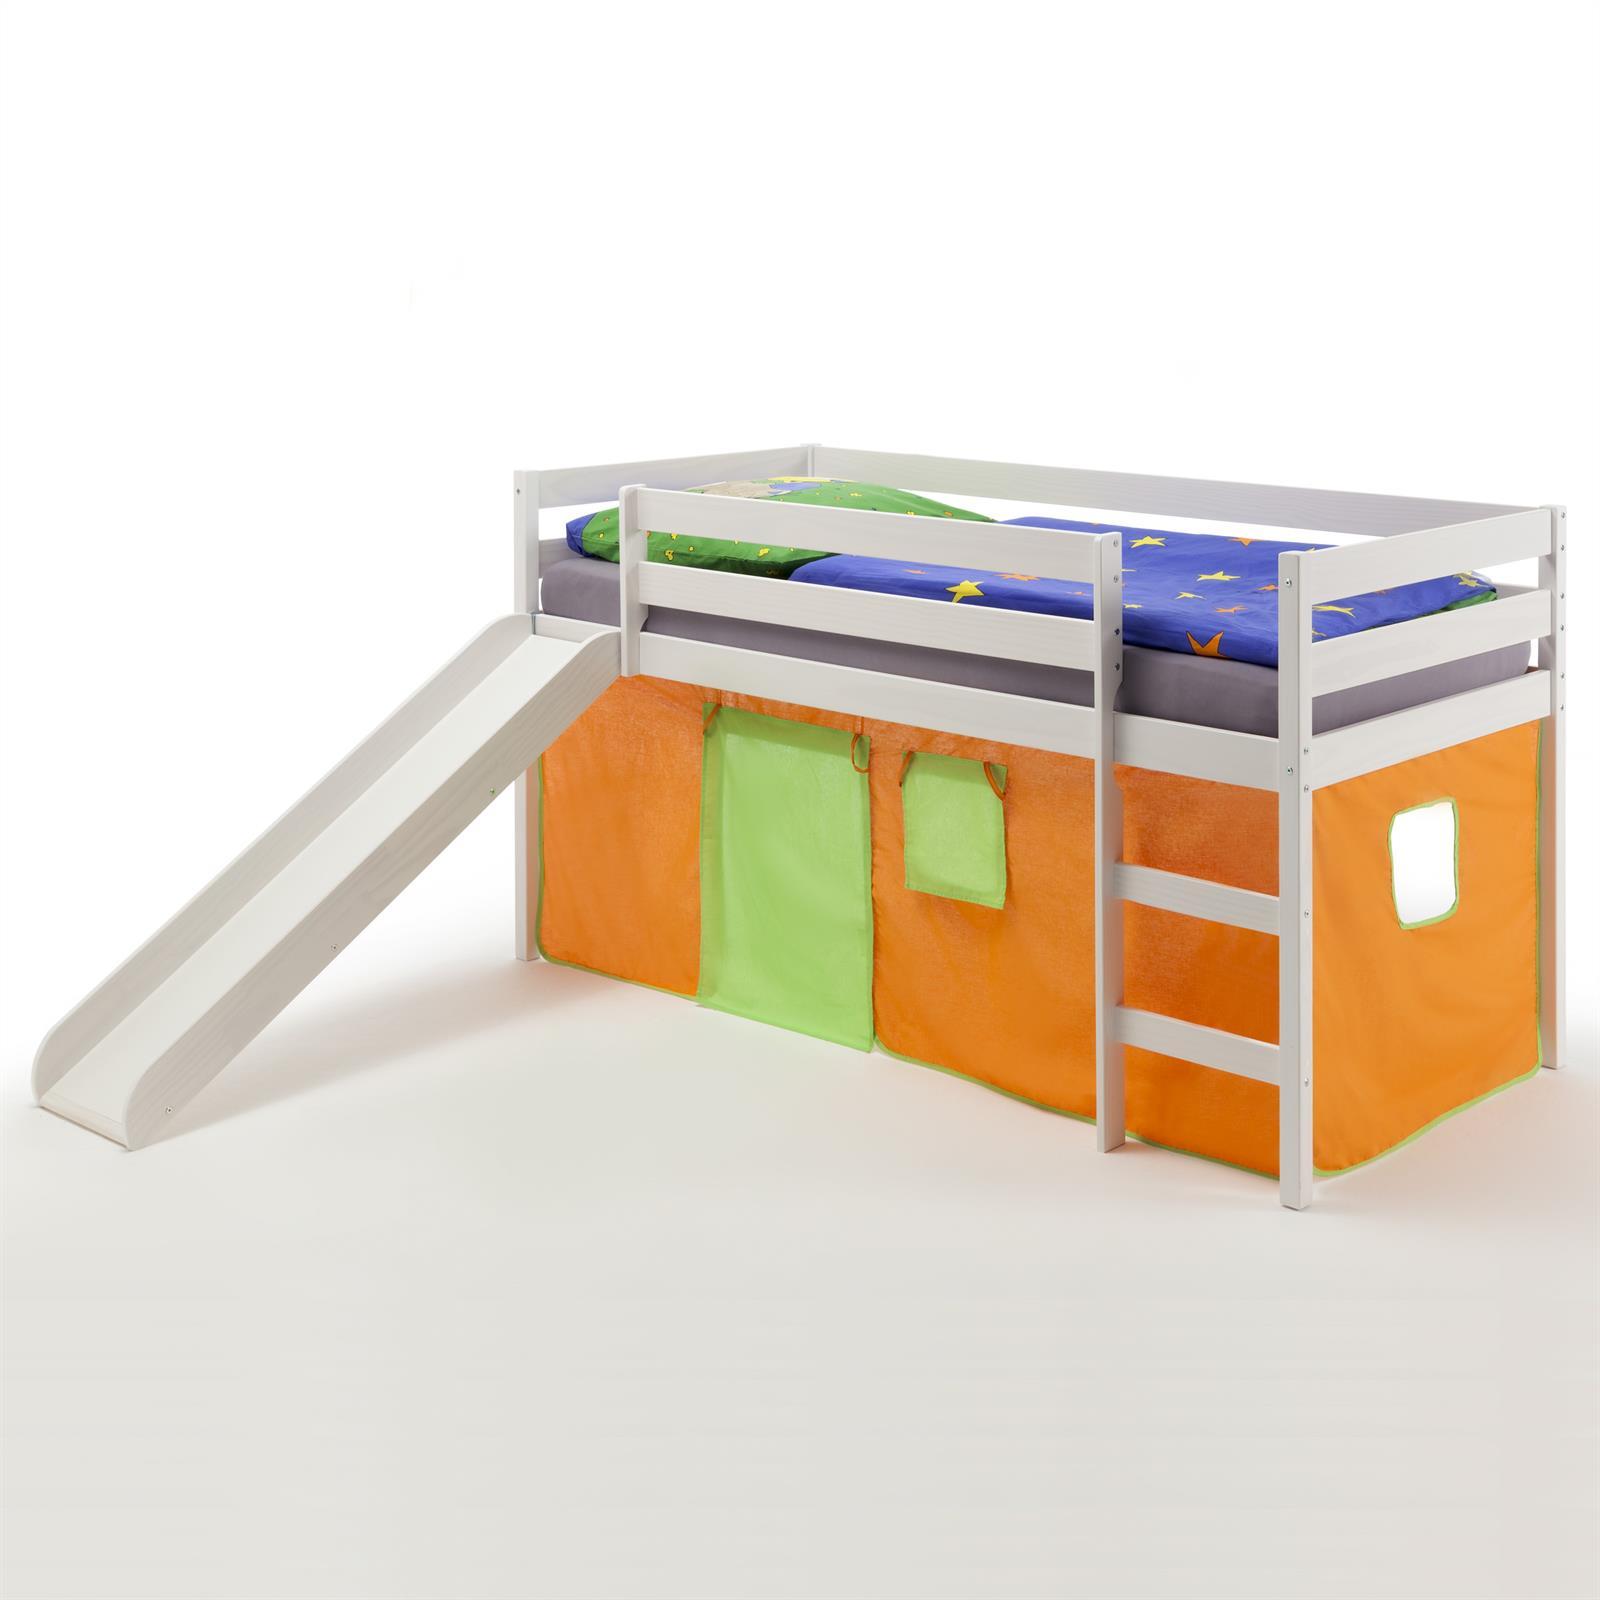 lit sur lev en pin lasur blanc benny avec toboggan et. Black Bedroom Furniture Sets. Home Design Ideas